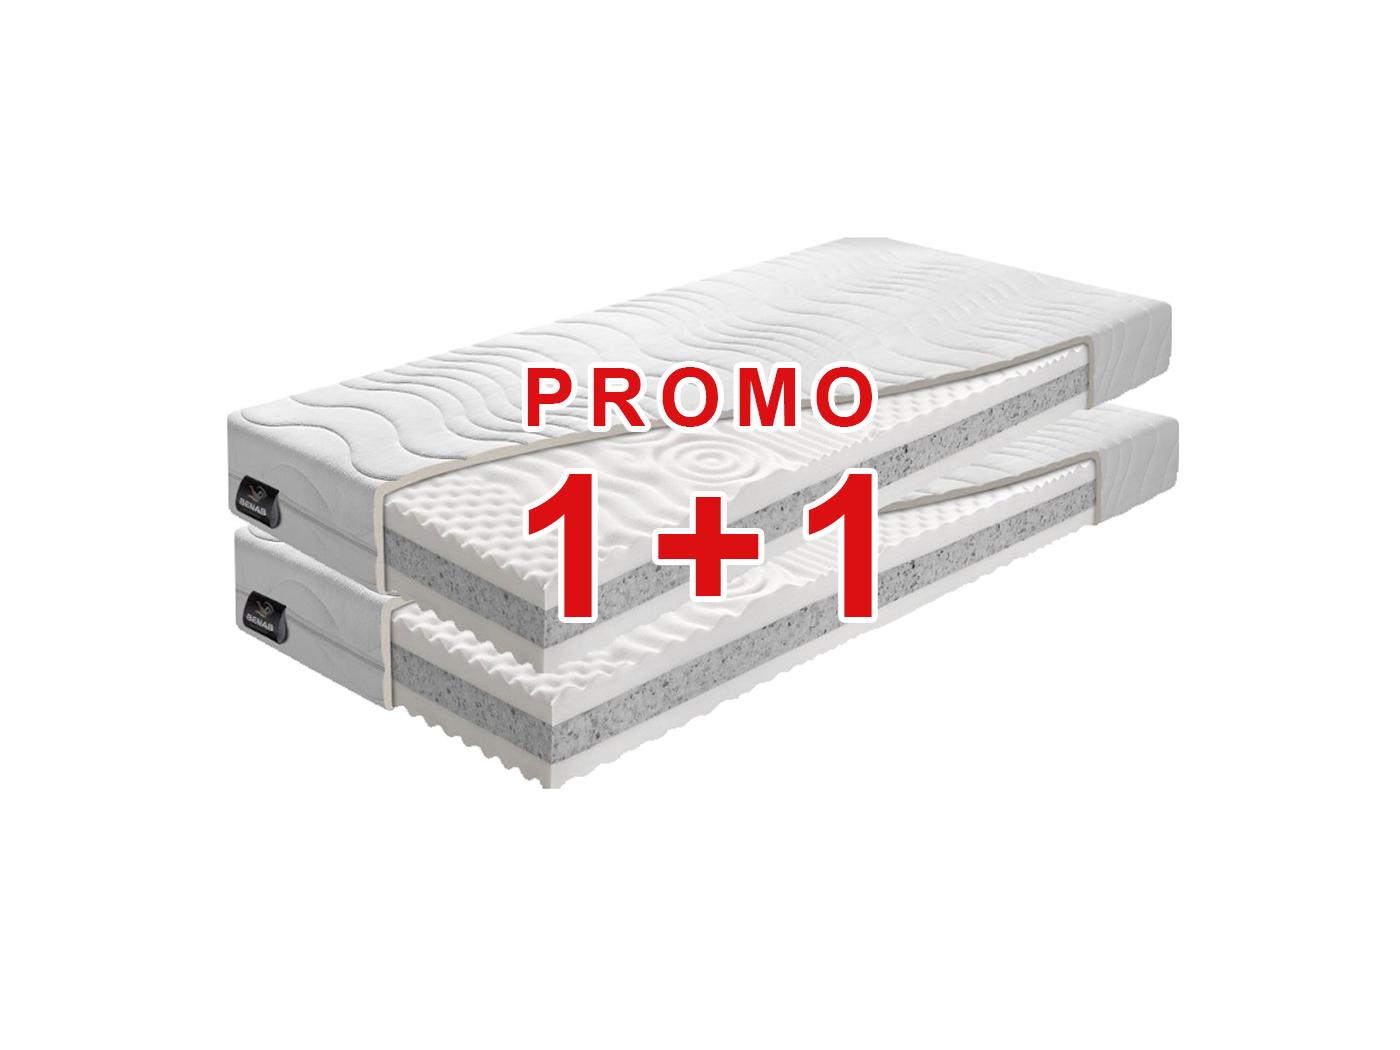 Habszivacs matrac Dream Optimal 2.0 200x80 cm (T5)  AKCIÓ 1+1  eed80ff312